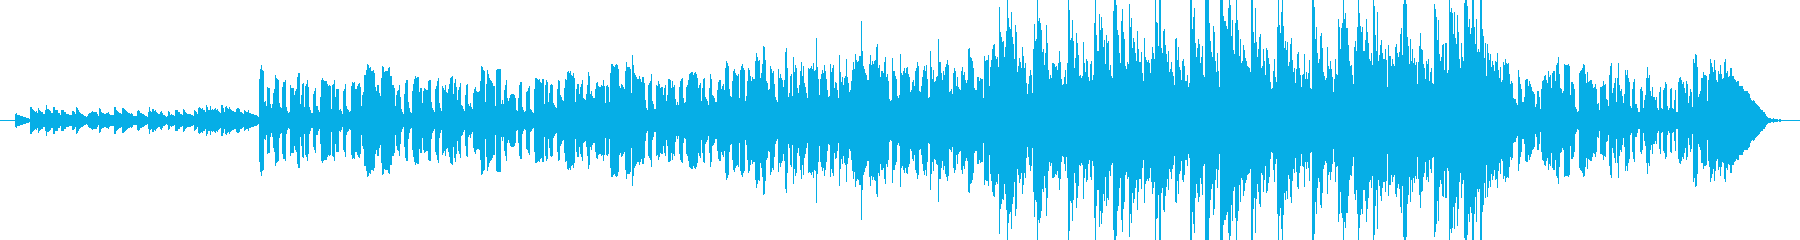 ケルト風のイントロミュージックの再生済みの波形